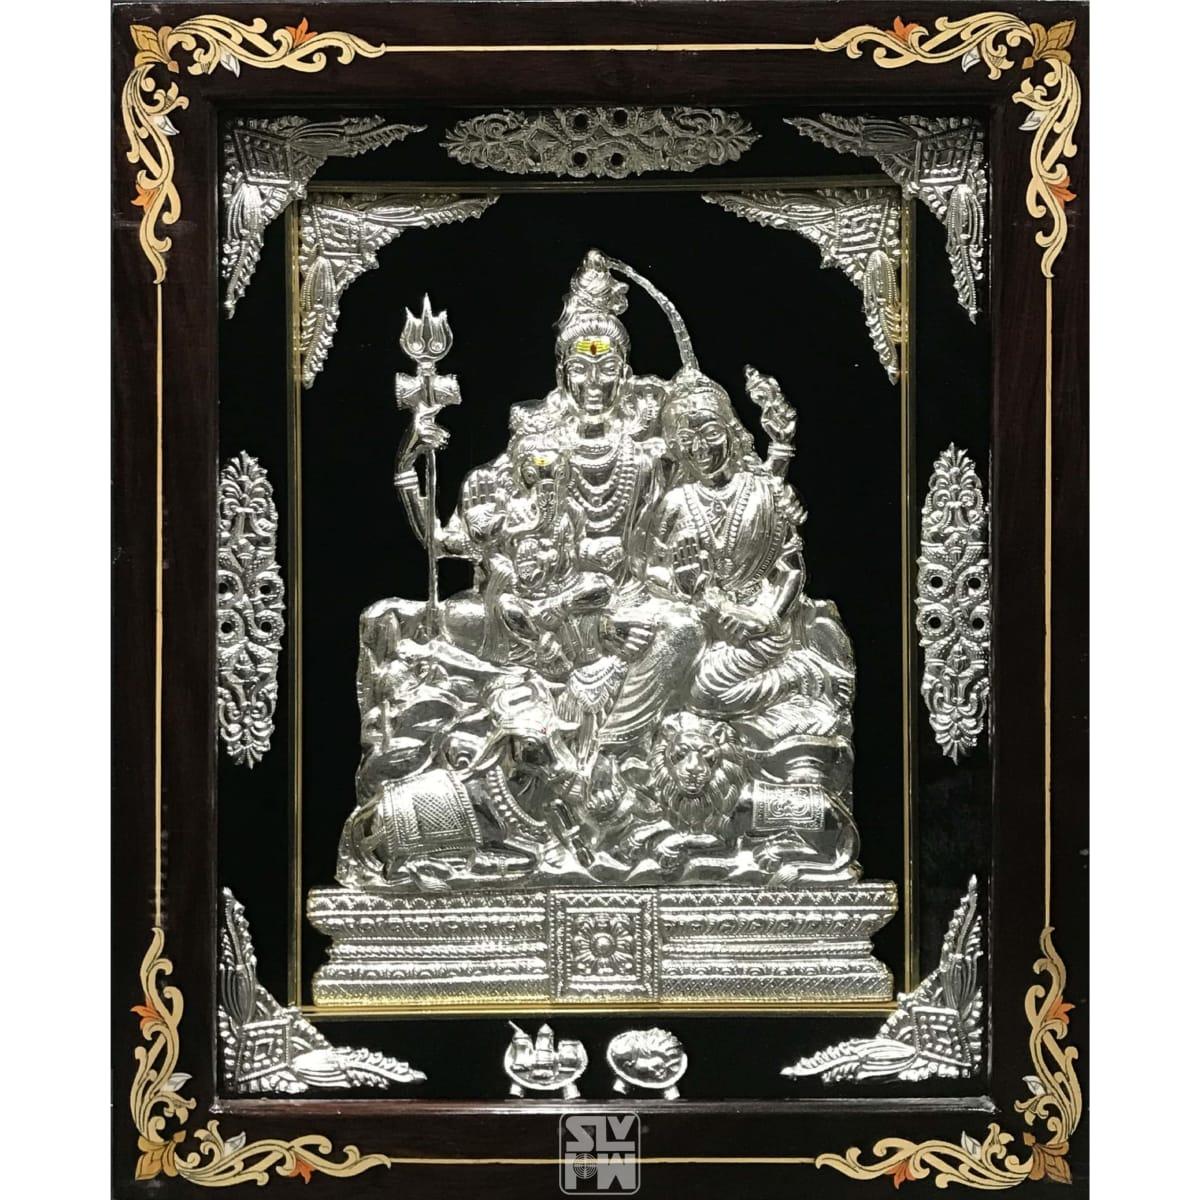 Eshwara Parvati Ganesha 18x22